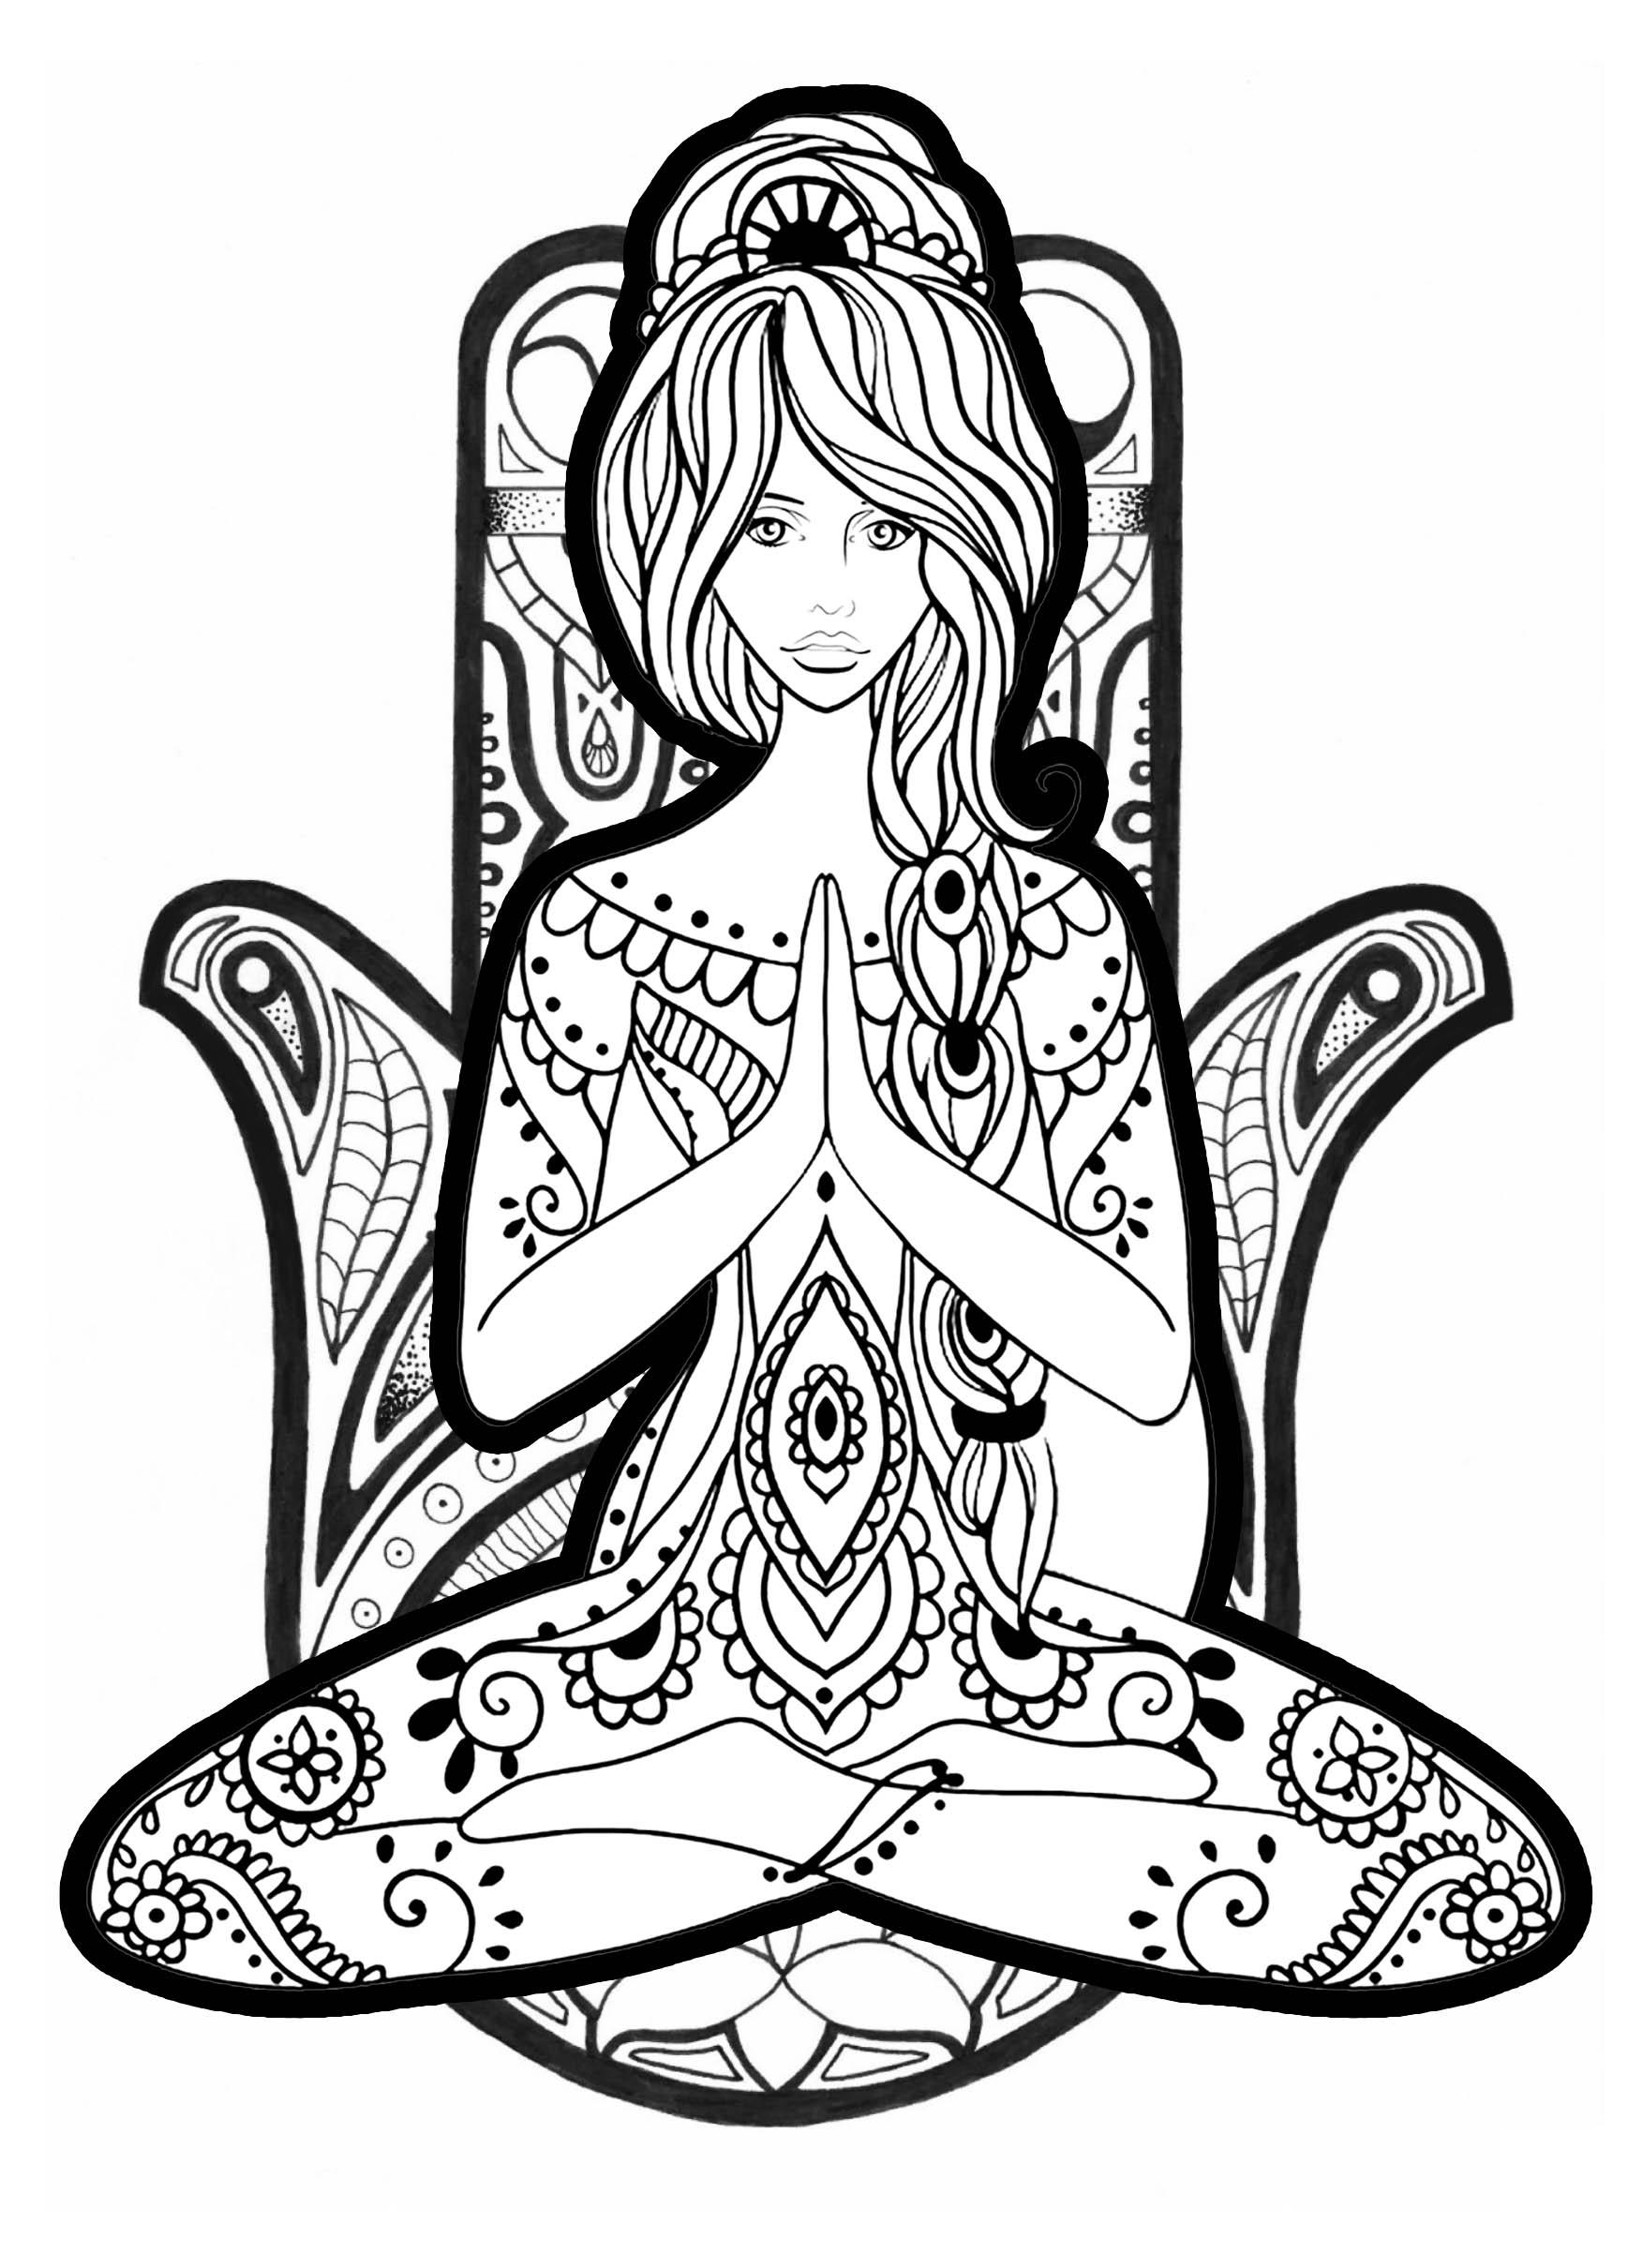 Colorear para adultos : Anti-stress / Zen - 189